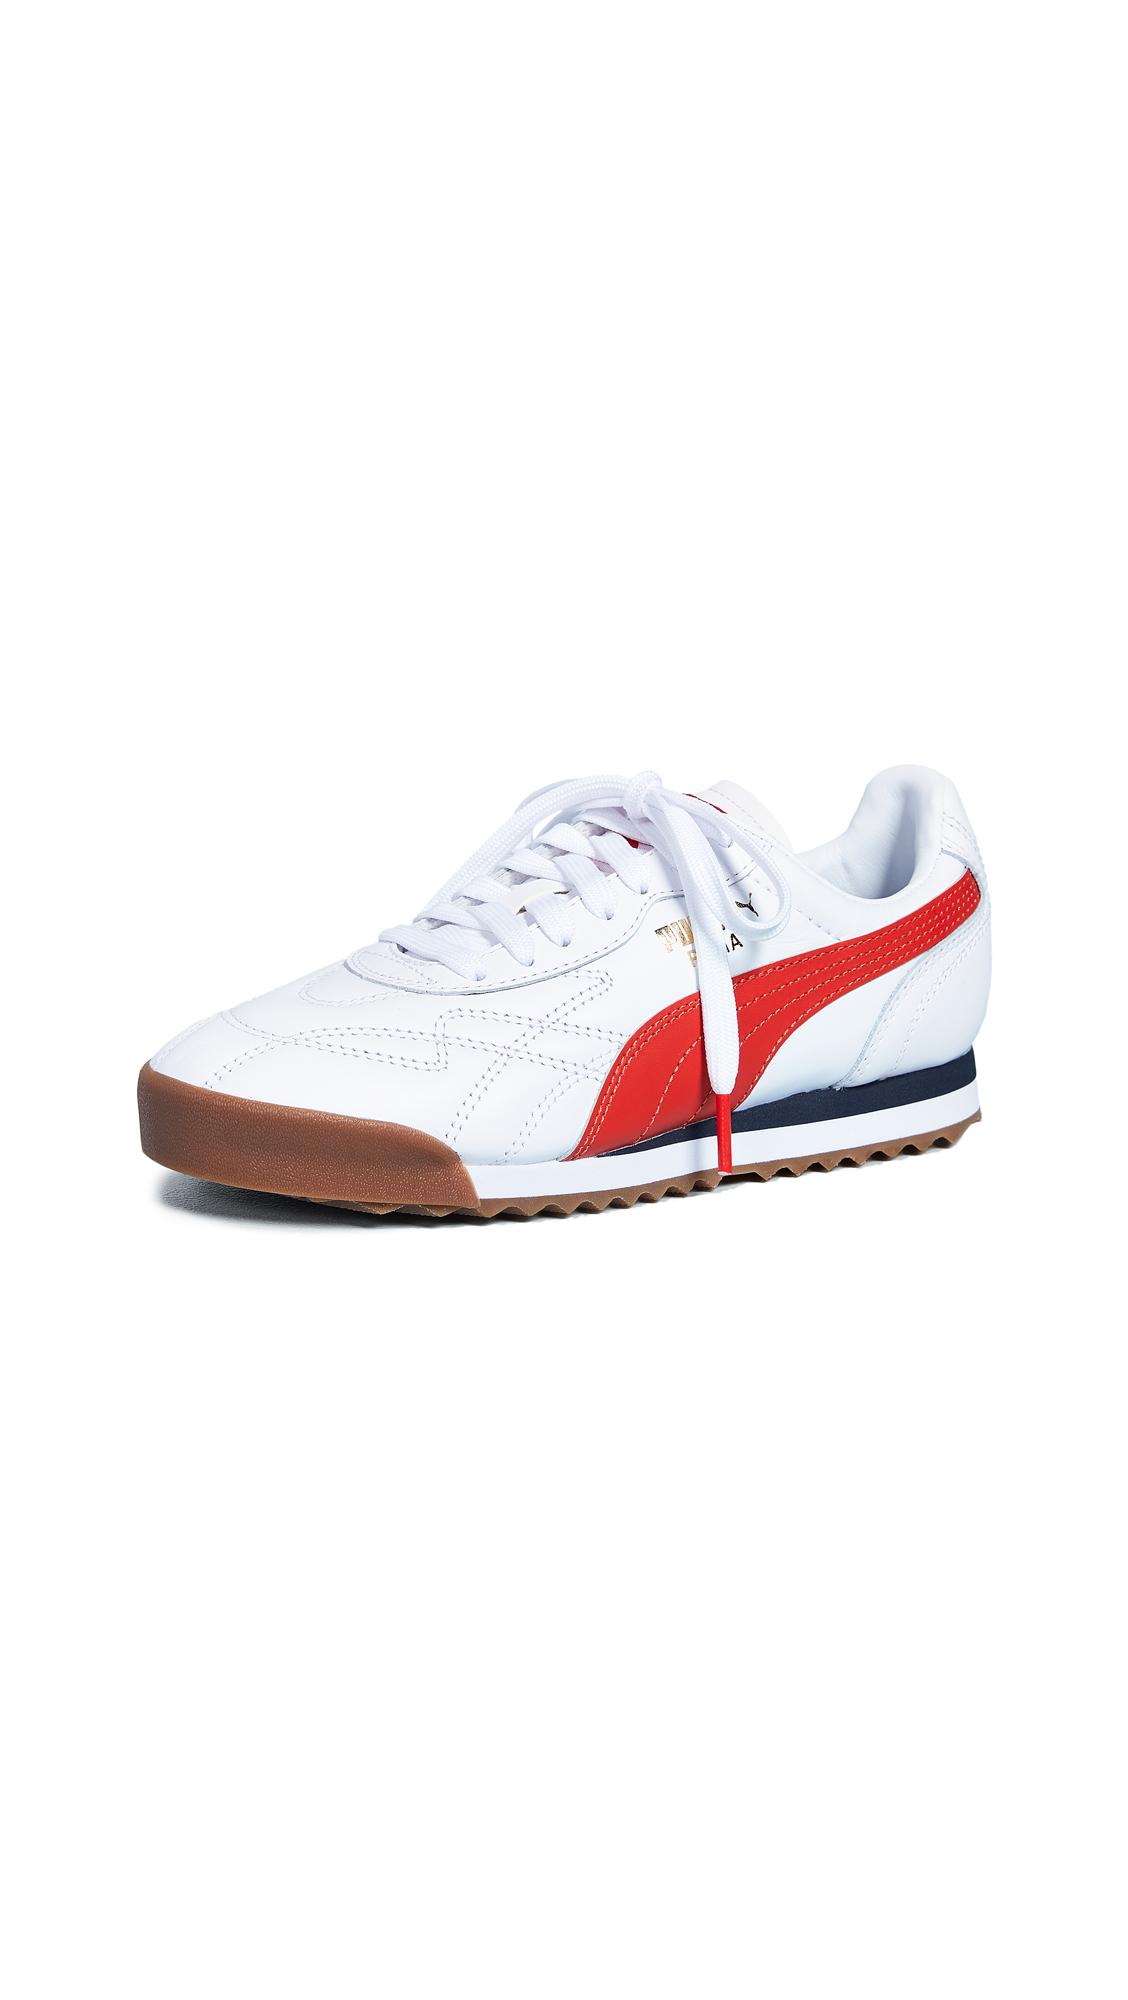 PUMA Roma Anniversario Sneakers - Puma White/Puma Red